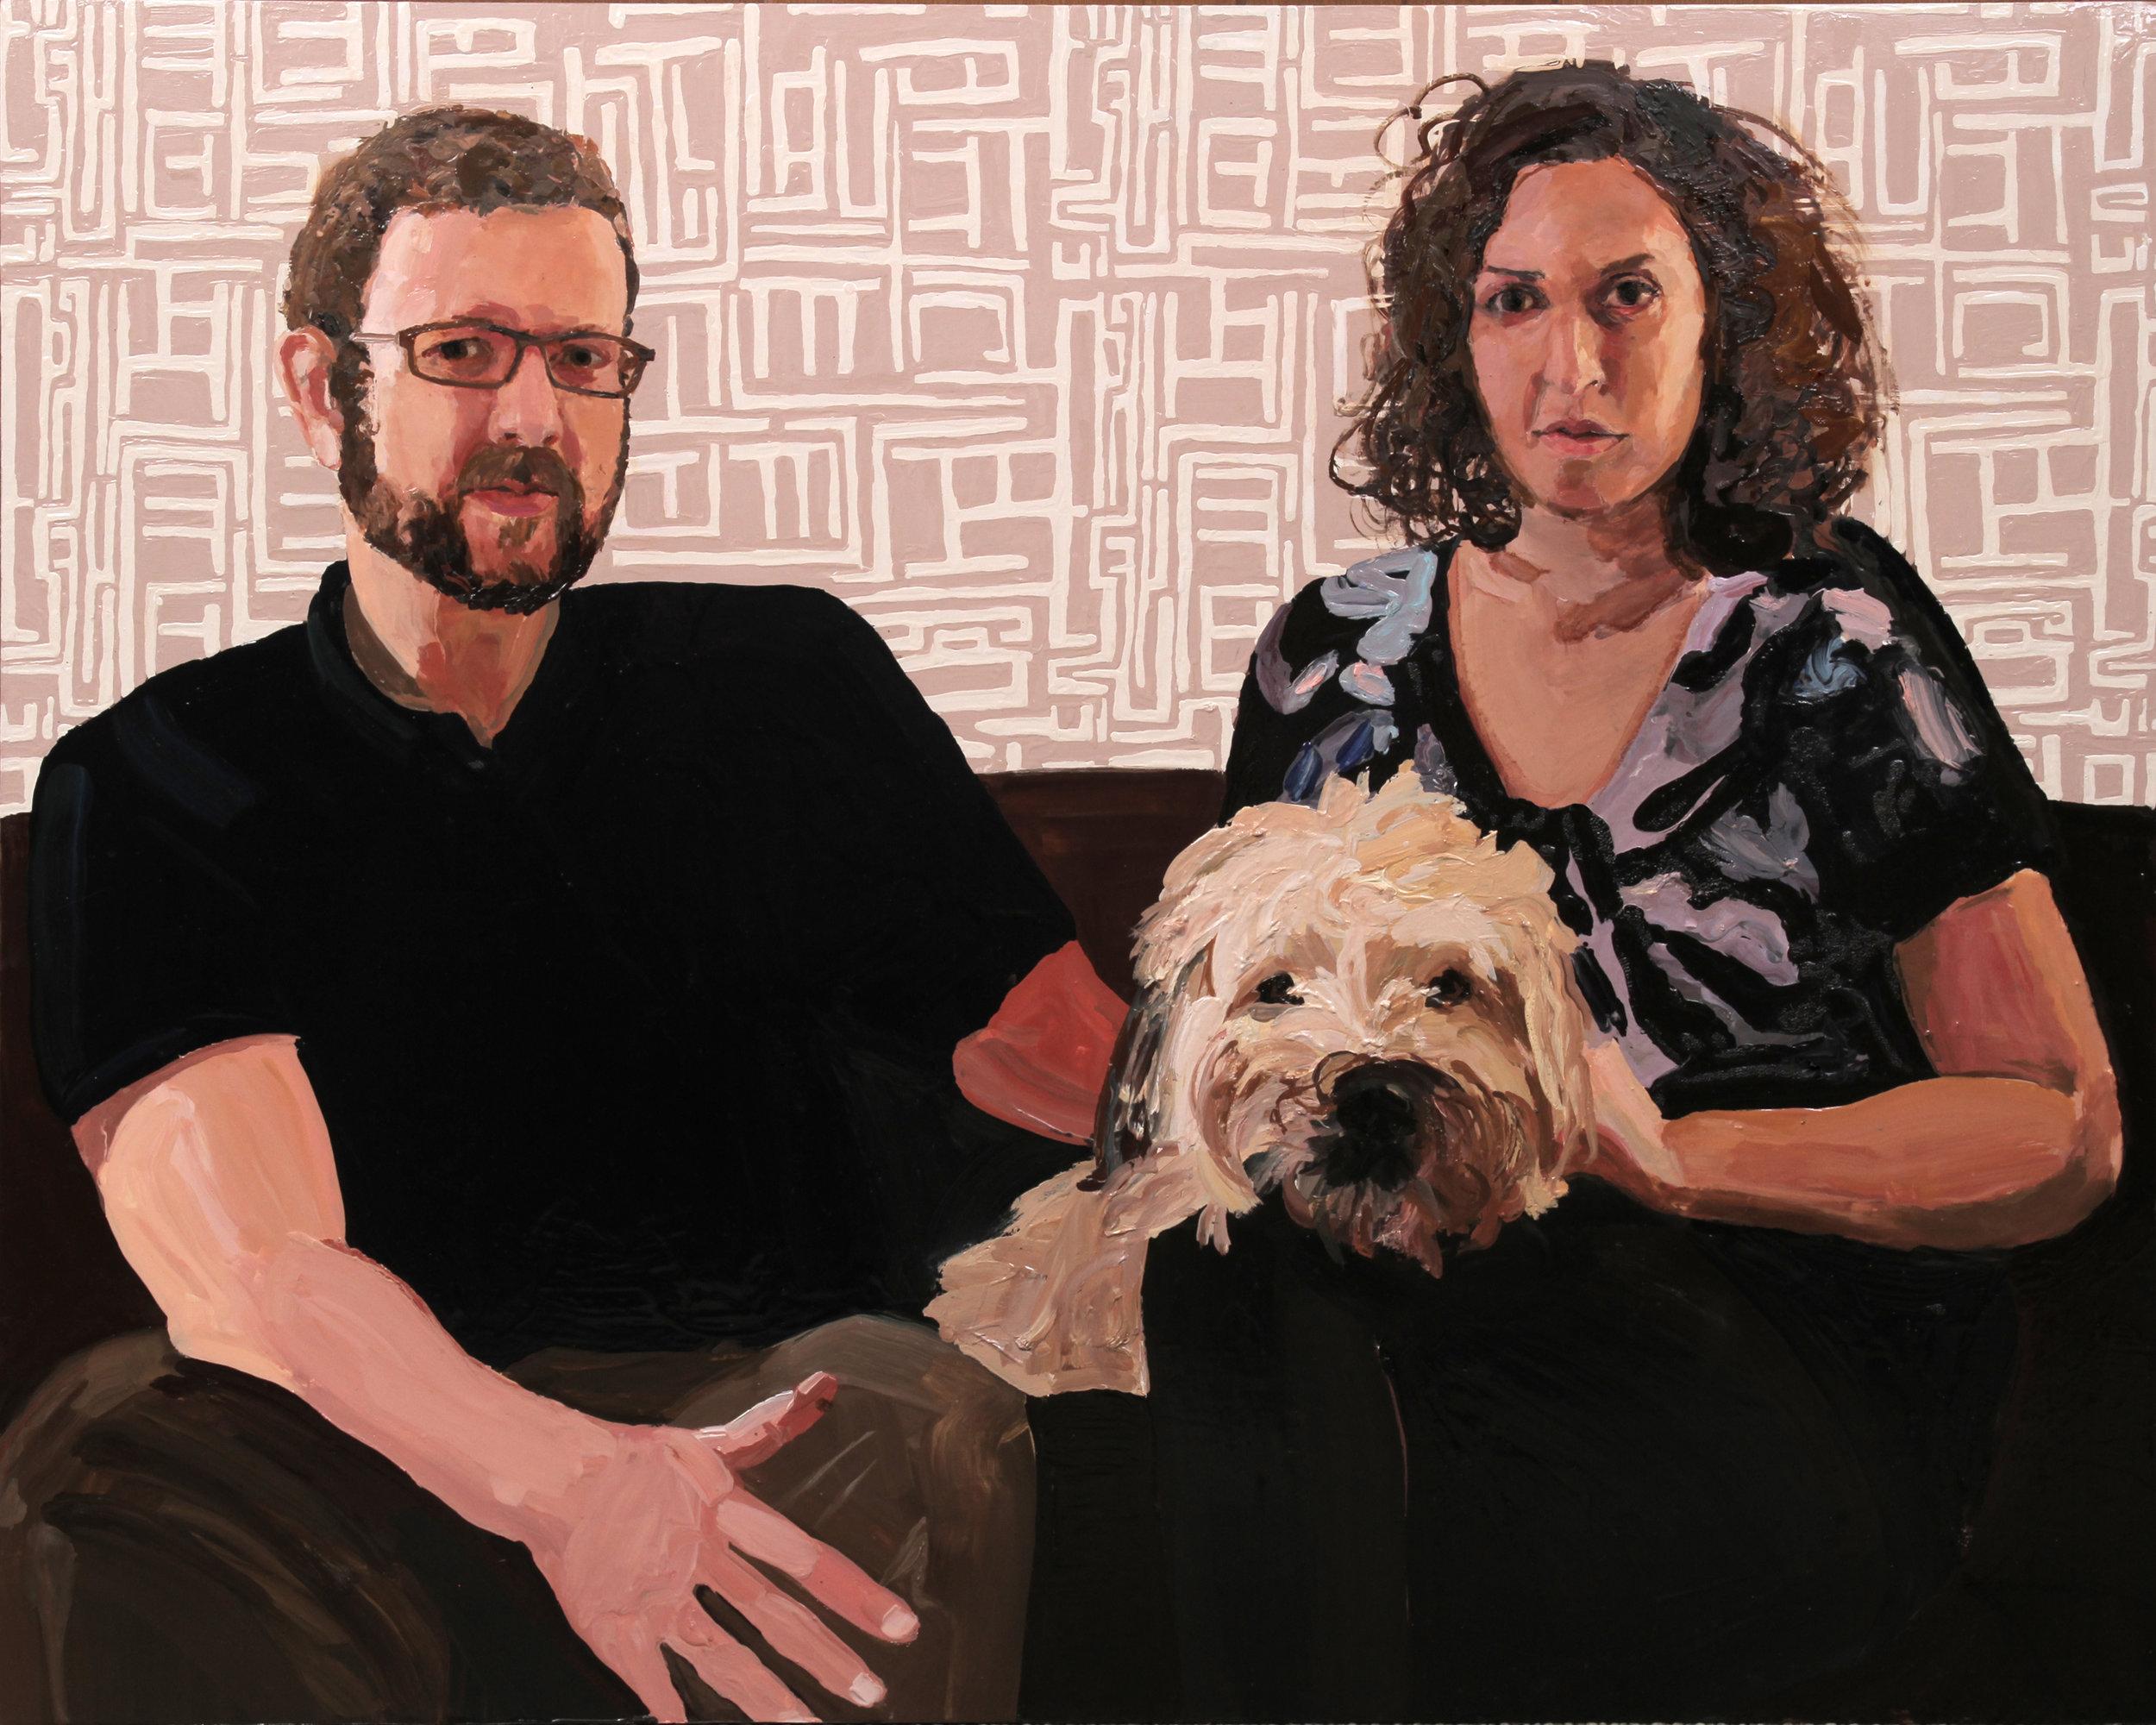 Julia, Rudy, and Matt